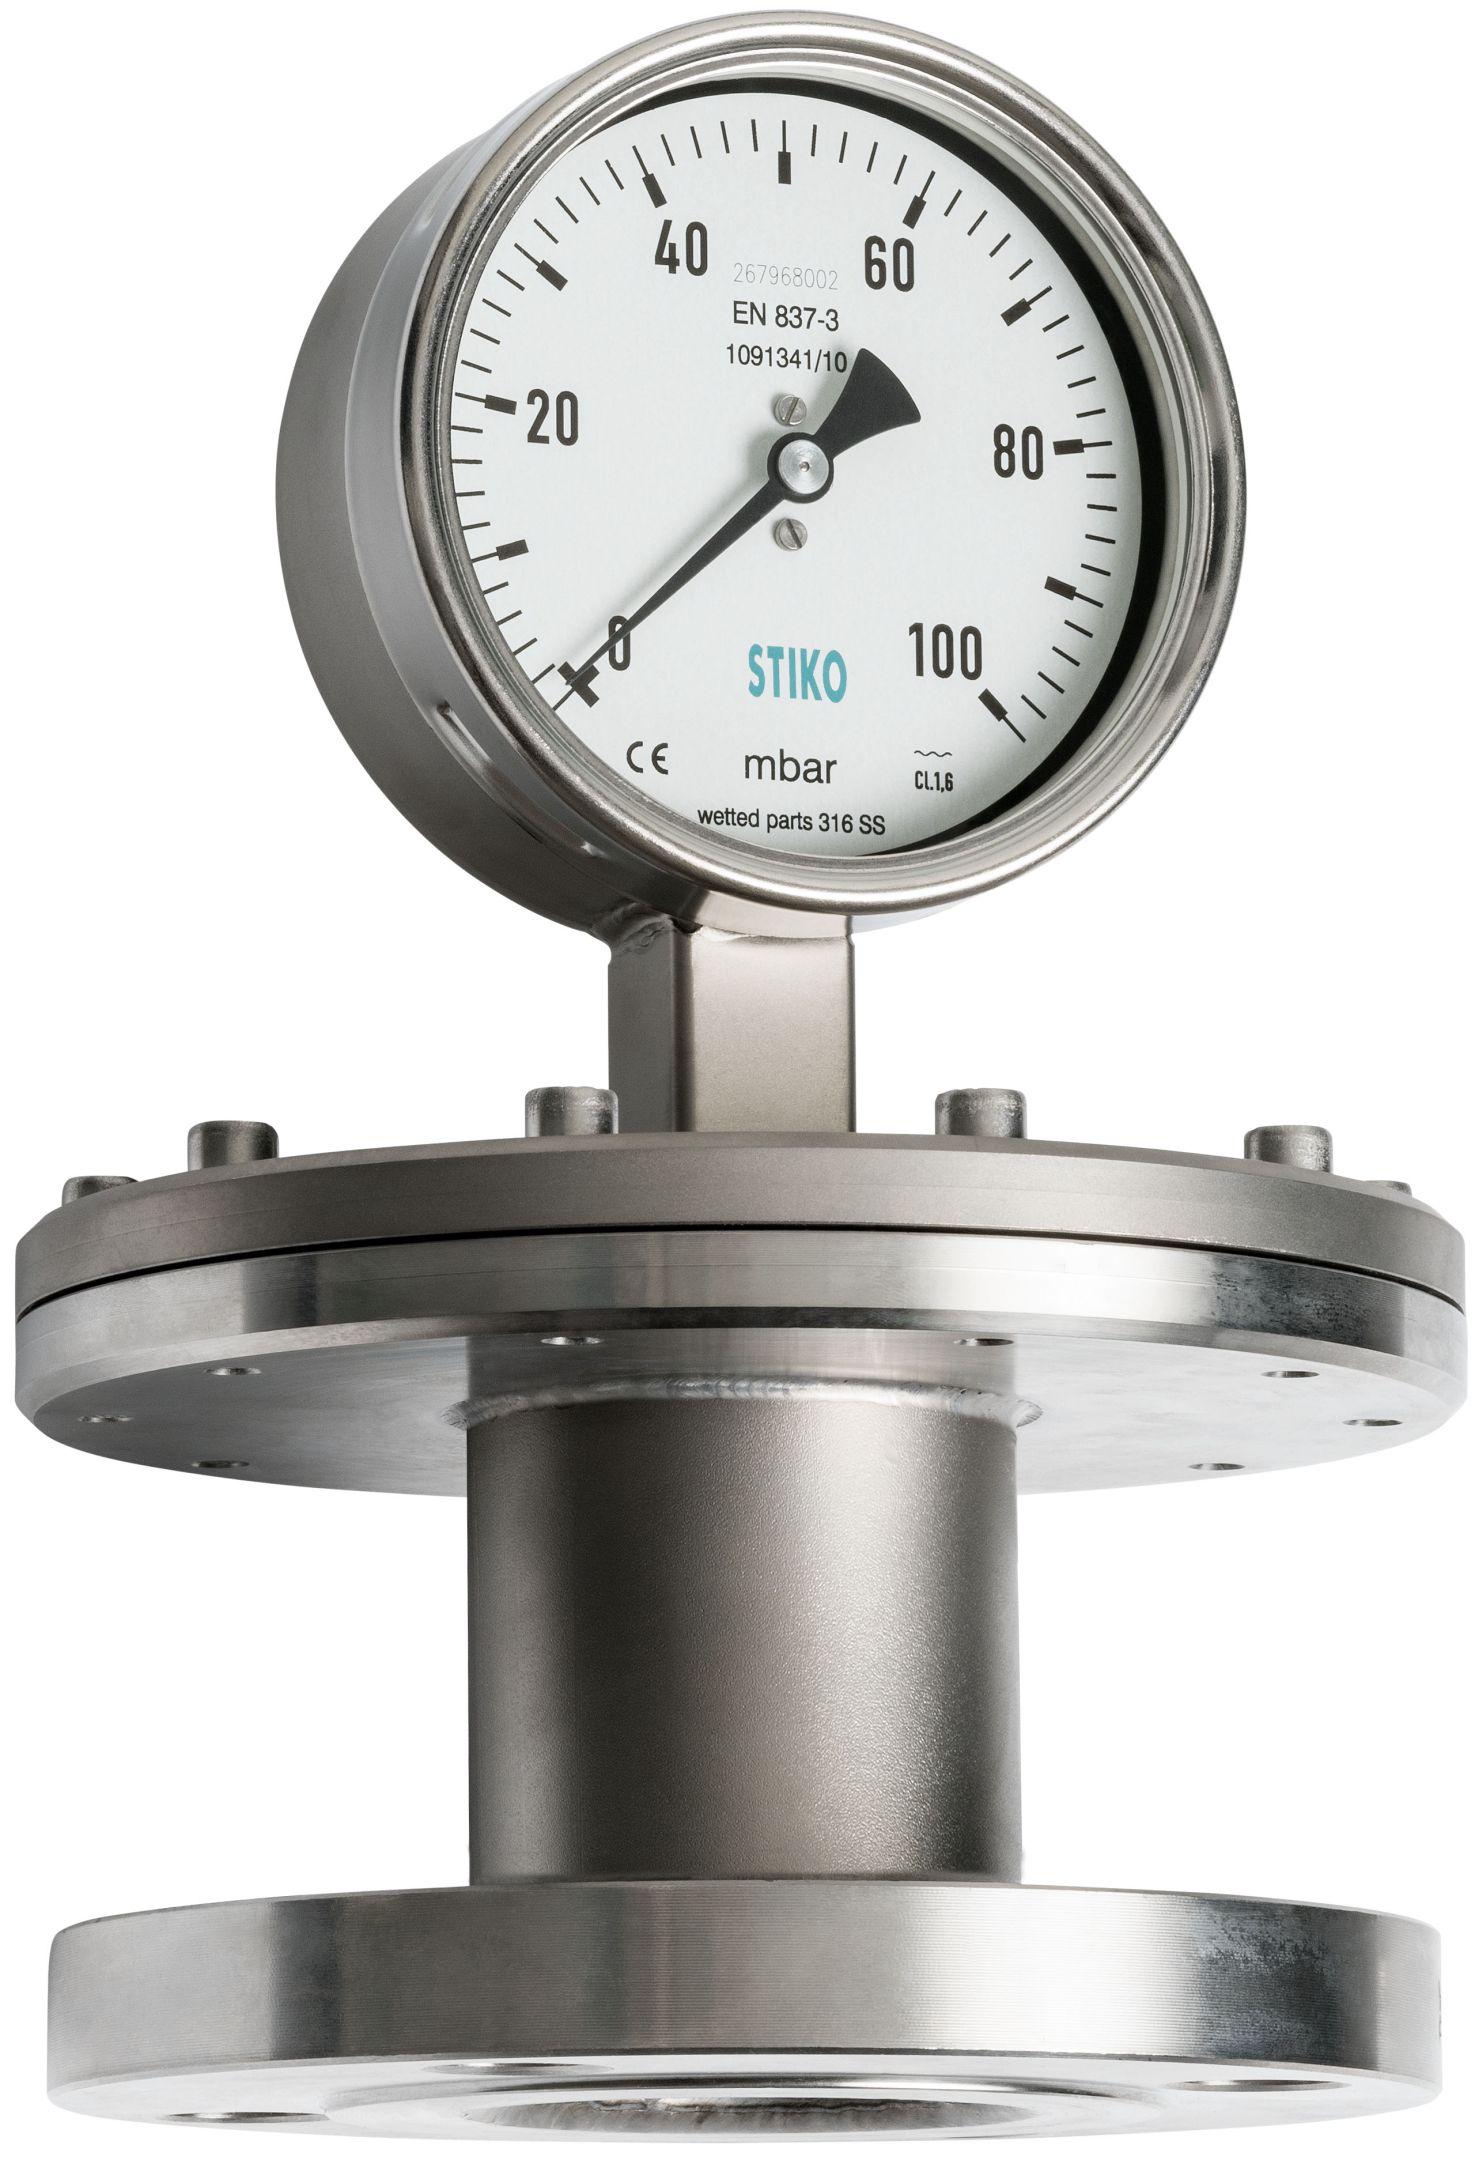 Đồng hồ áp suất màng loại hai mặt bích